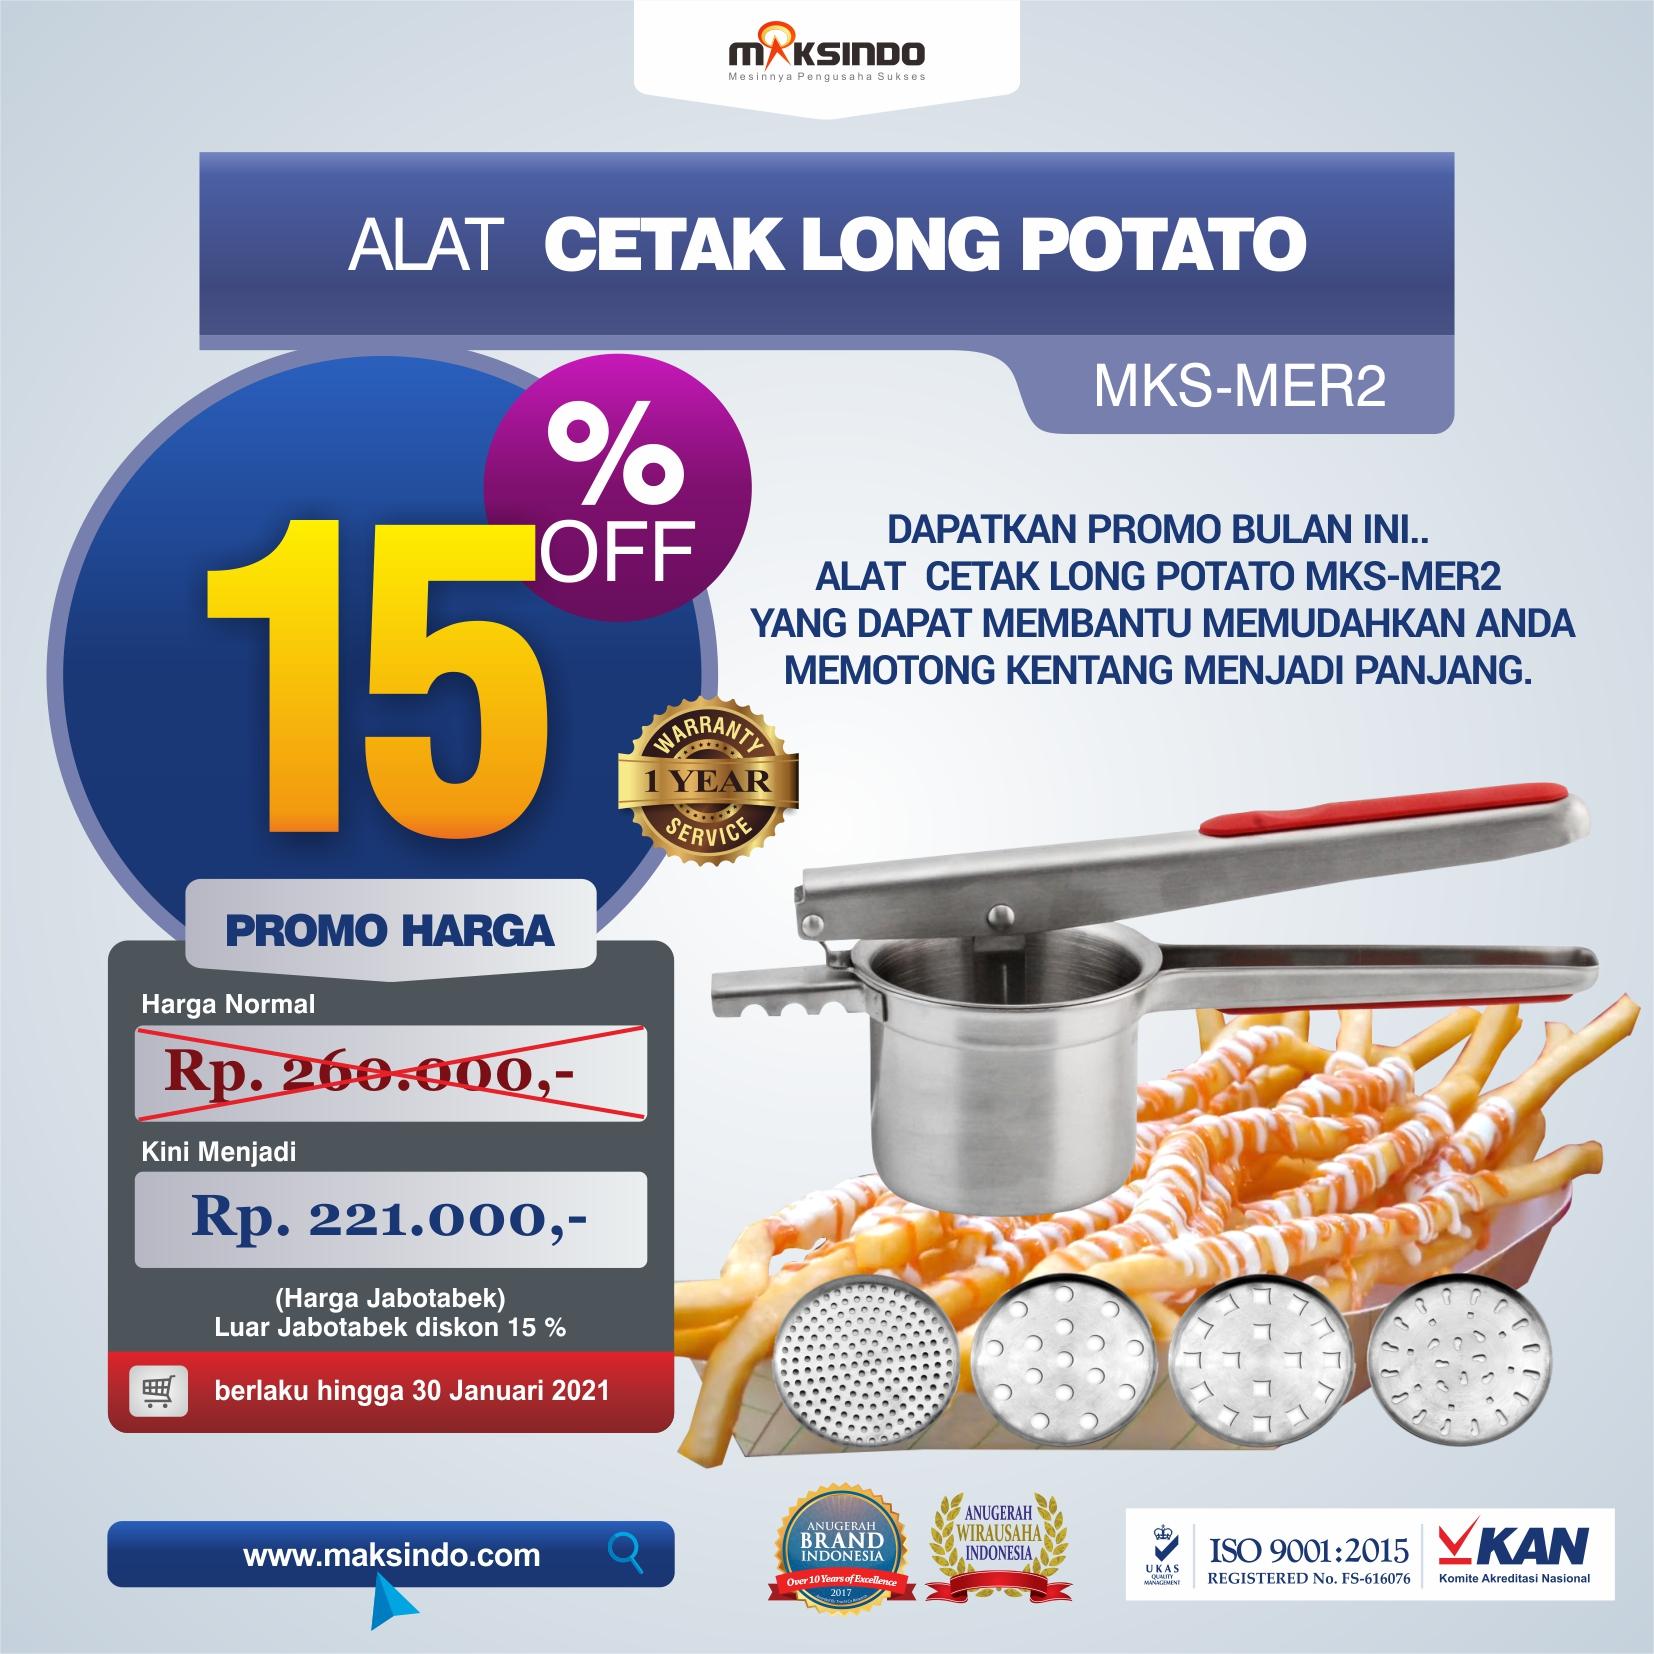 Jual Alat Cetak Long Potato MKS-MER2 di Semarang